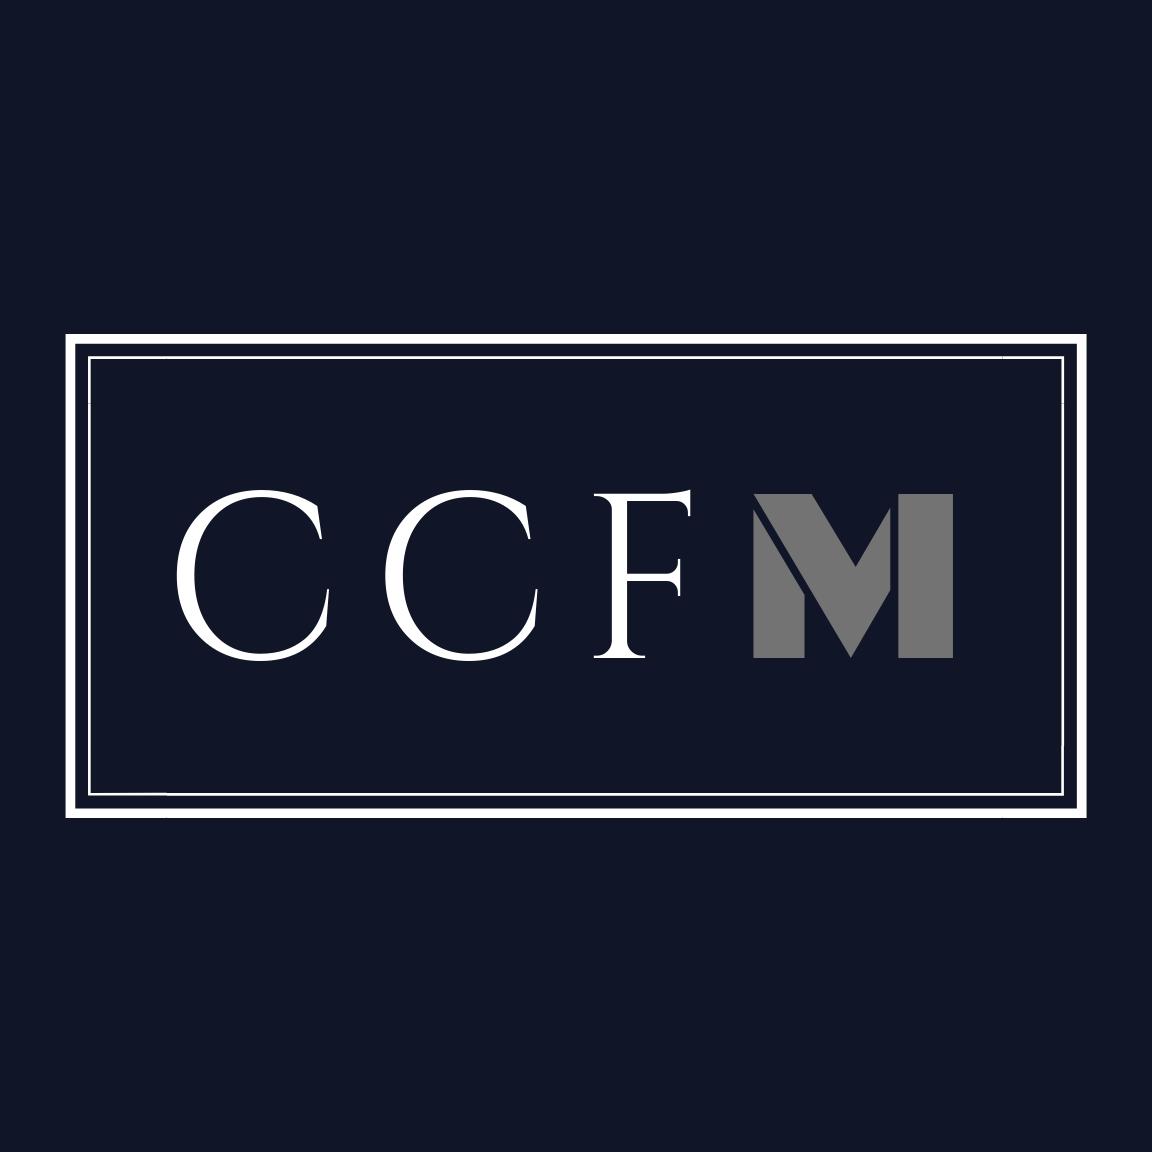 CCFM Logos - Large (3).png